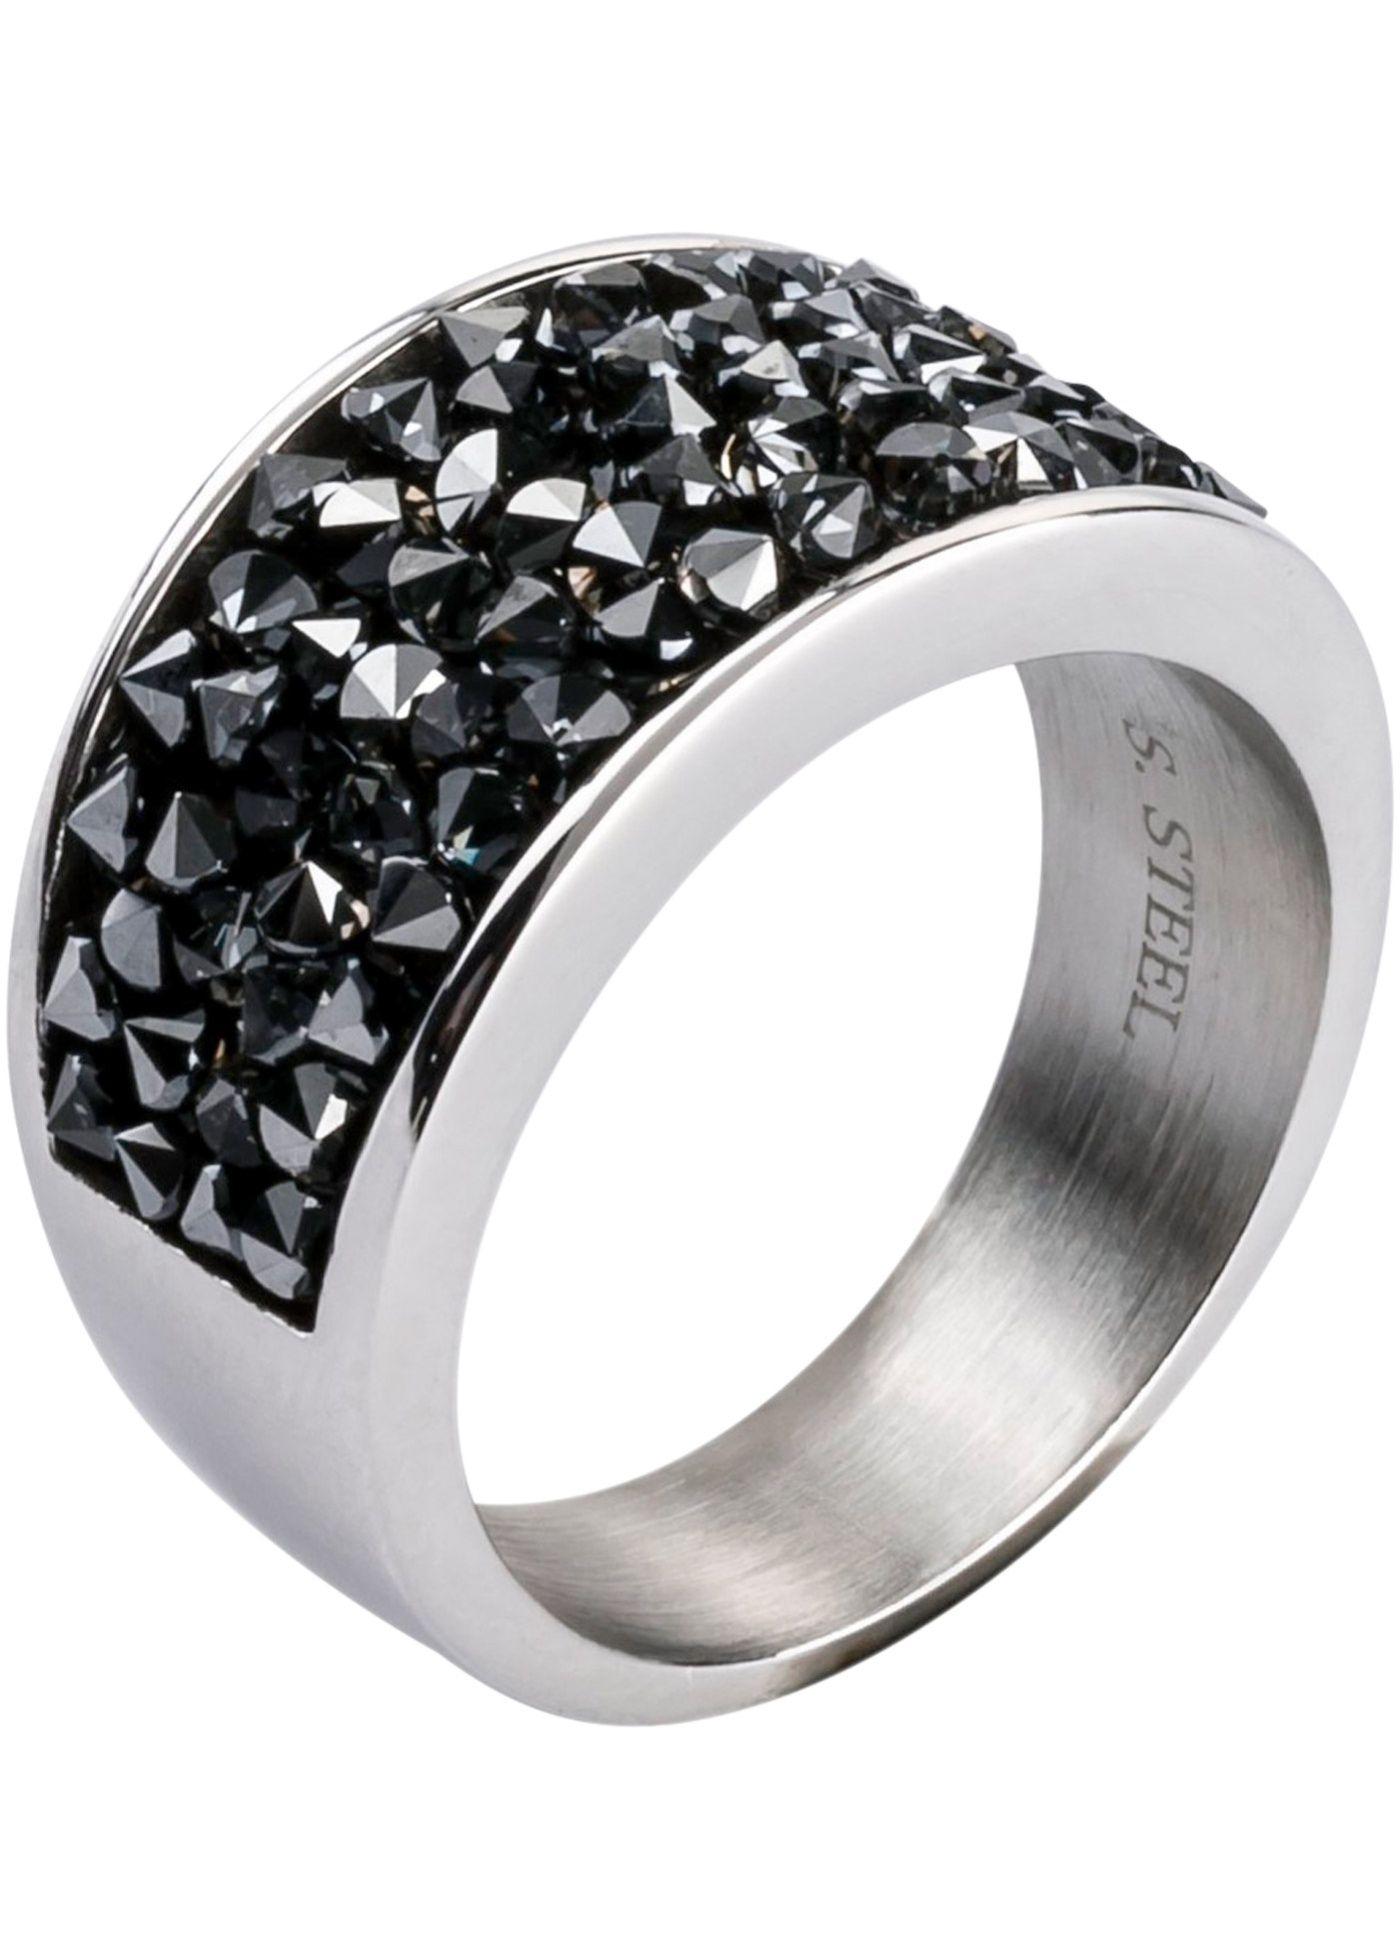 Edelstahl Ring veredelt mit Swarovski® Kristallen in 2021 ...